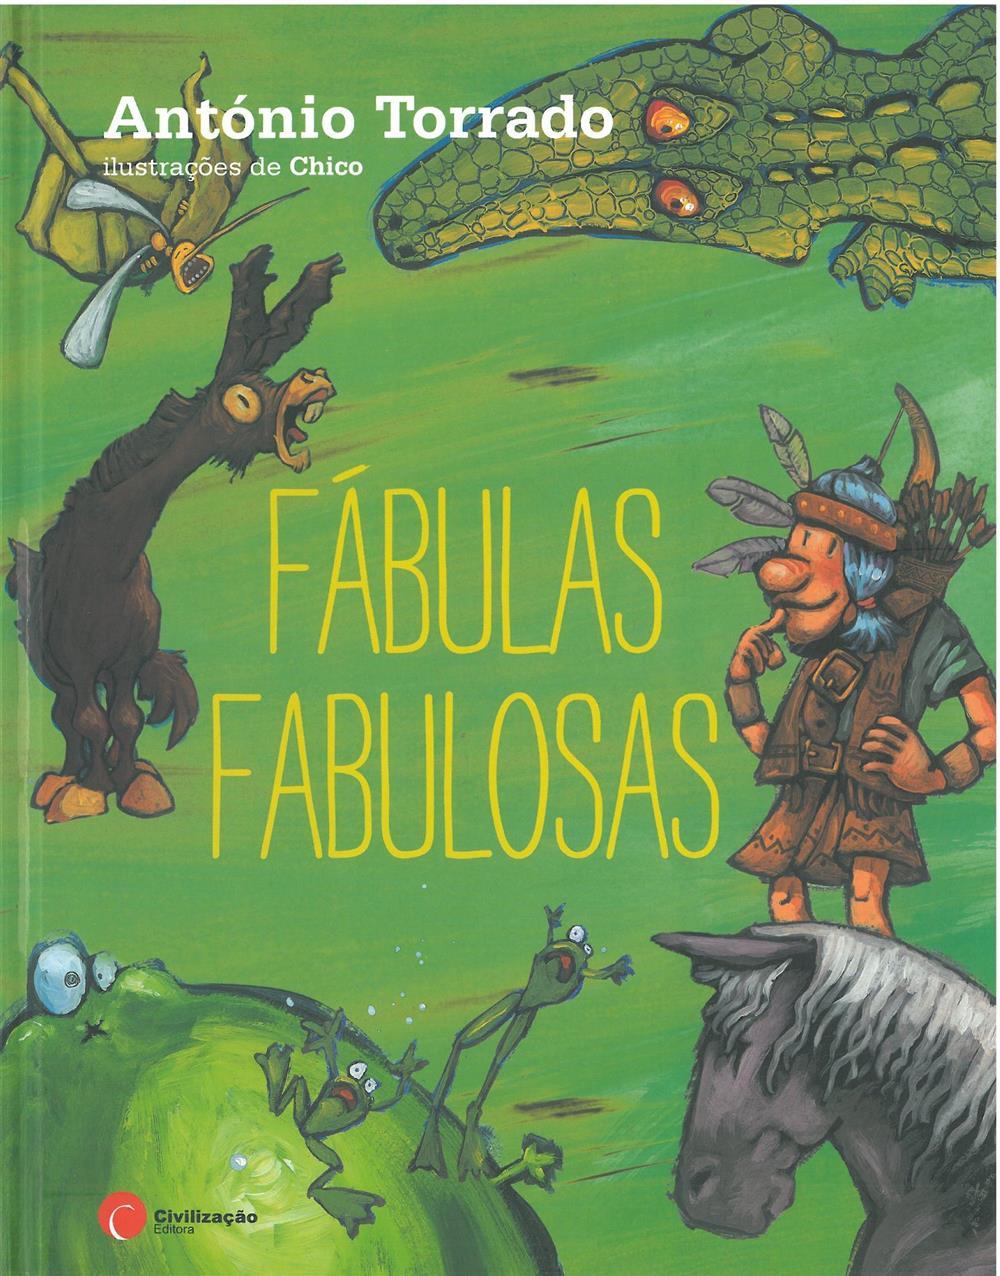 Fábulas fabulosas_.jpg